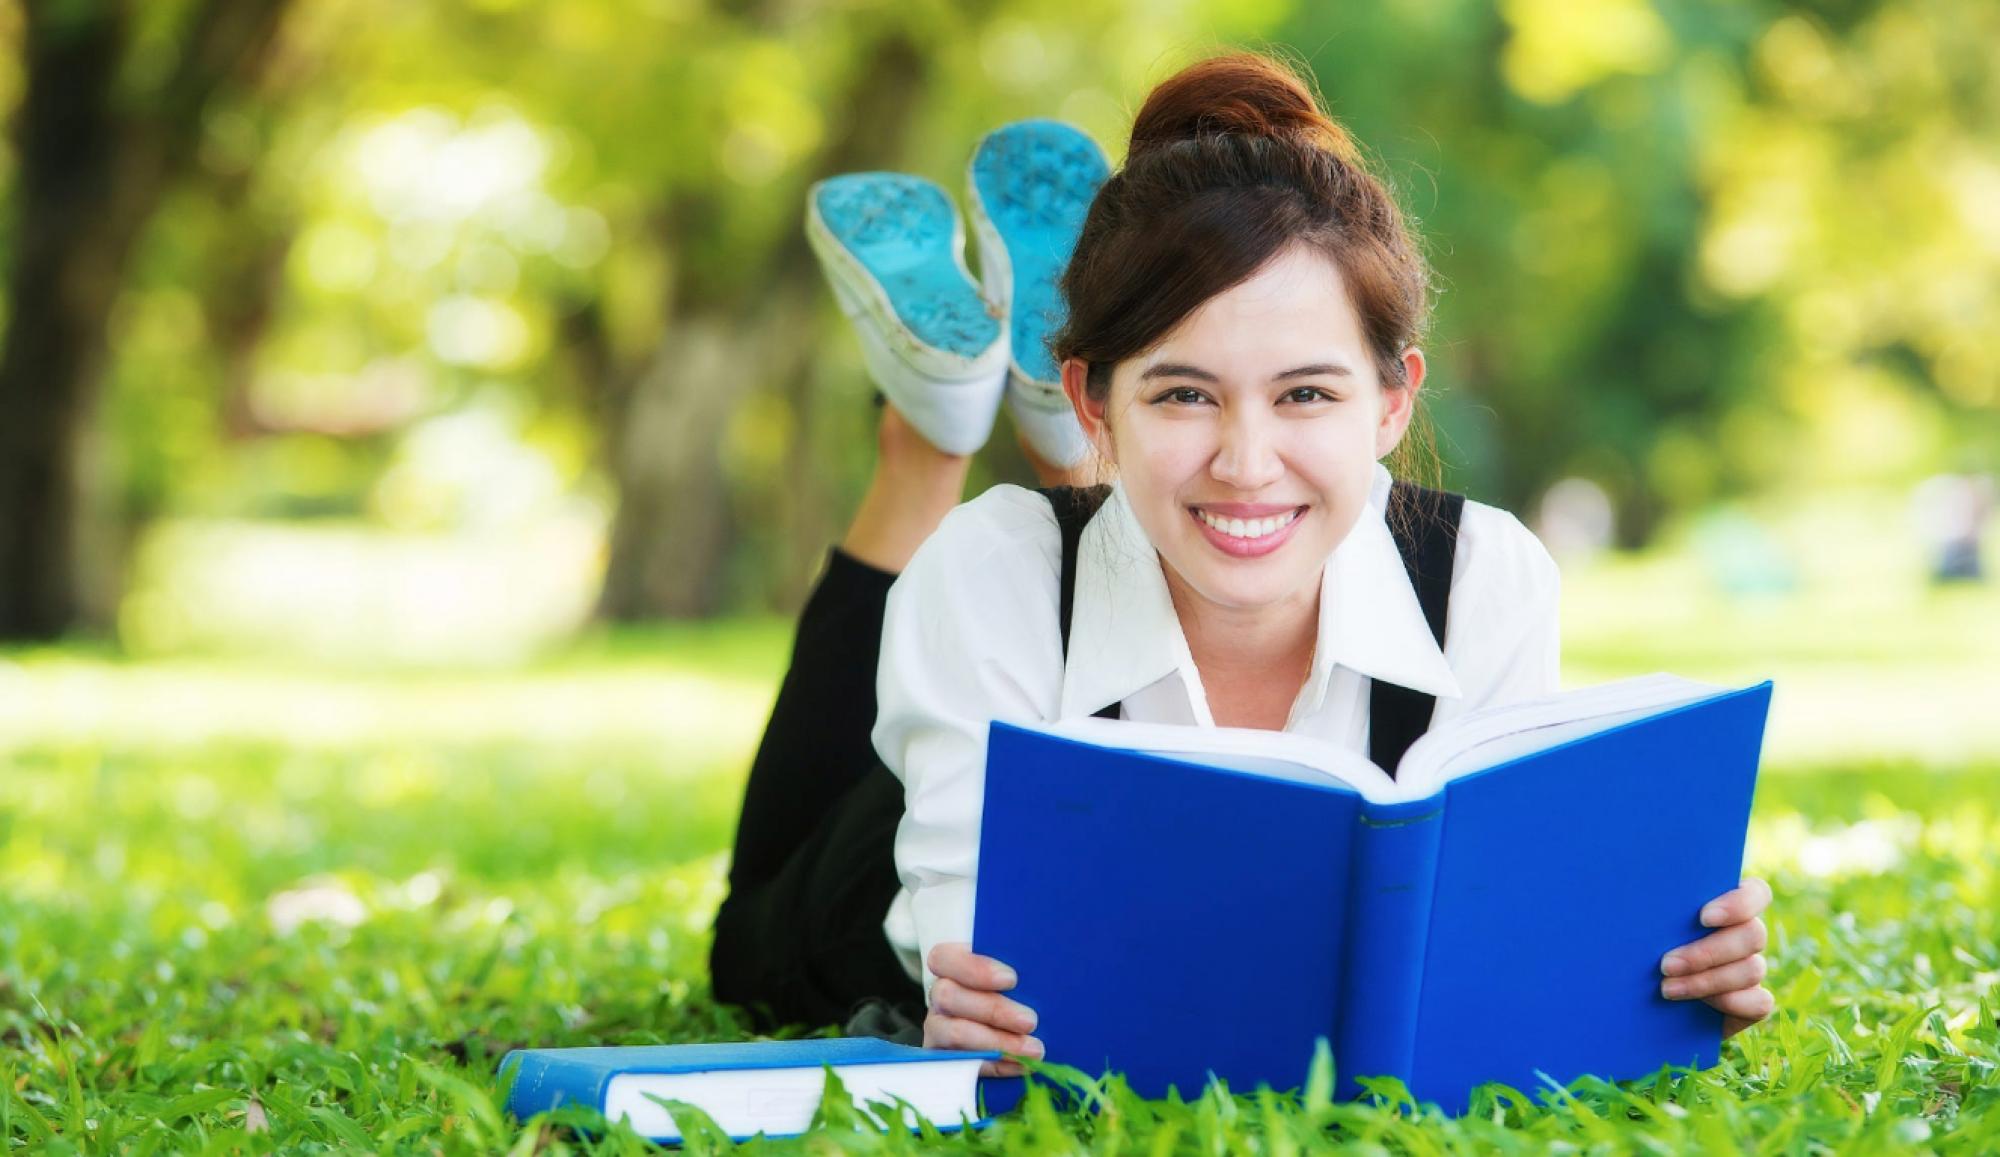 Importancia de la educación continua en los profesionales actuales